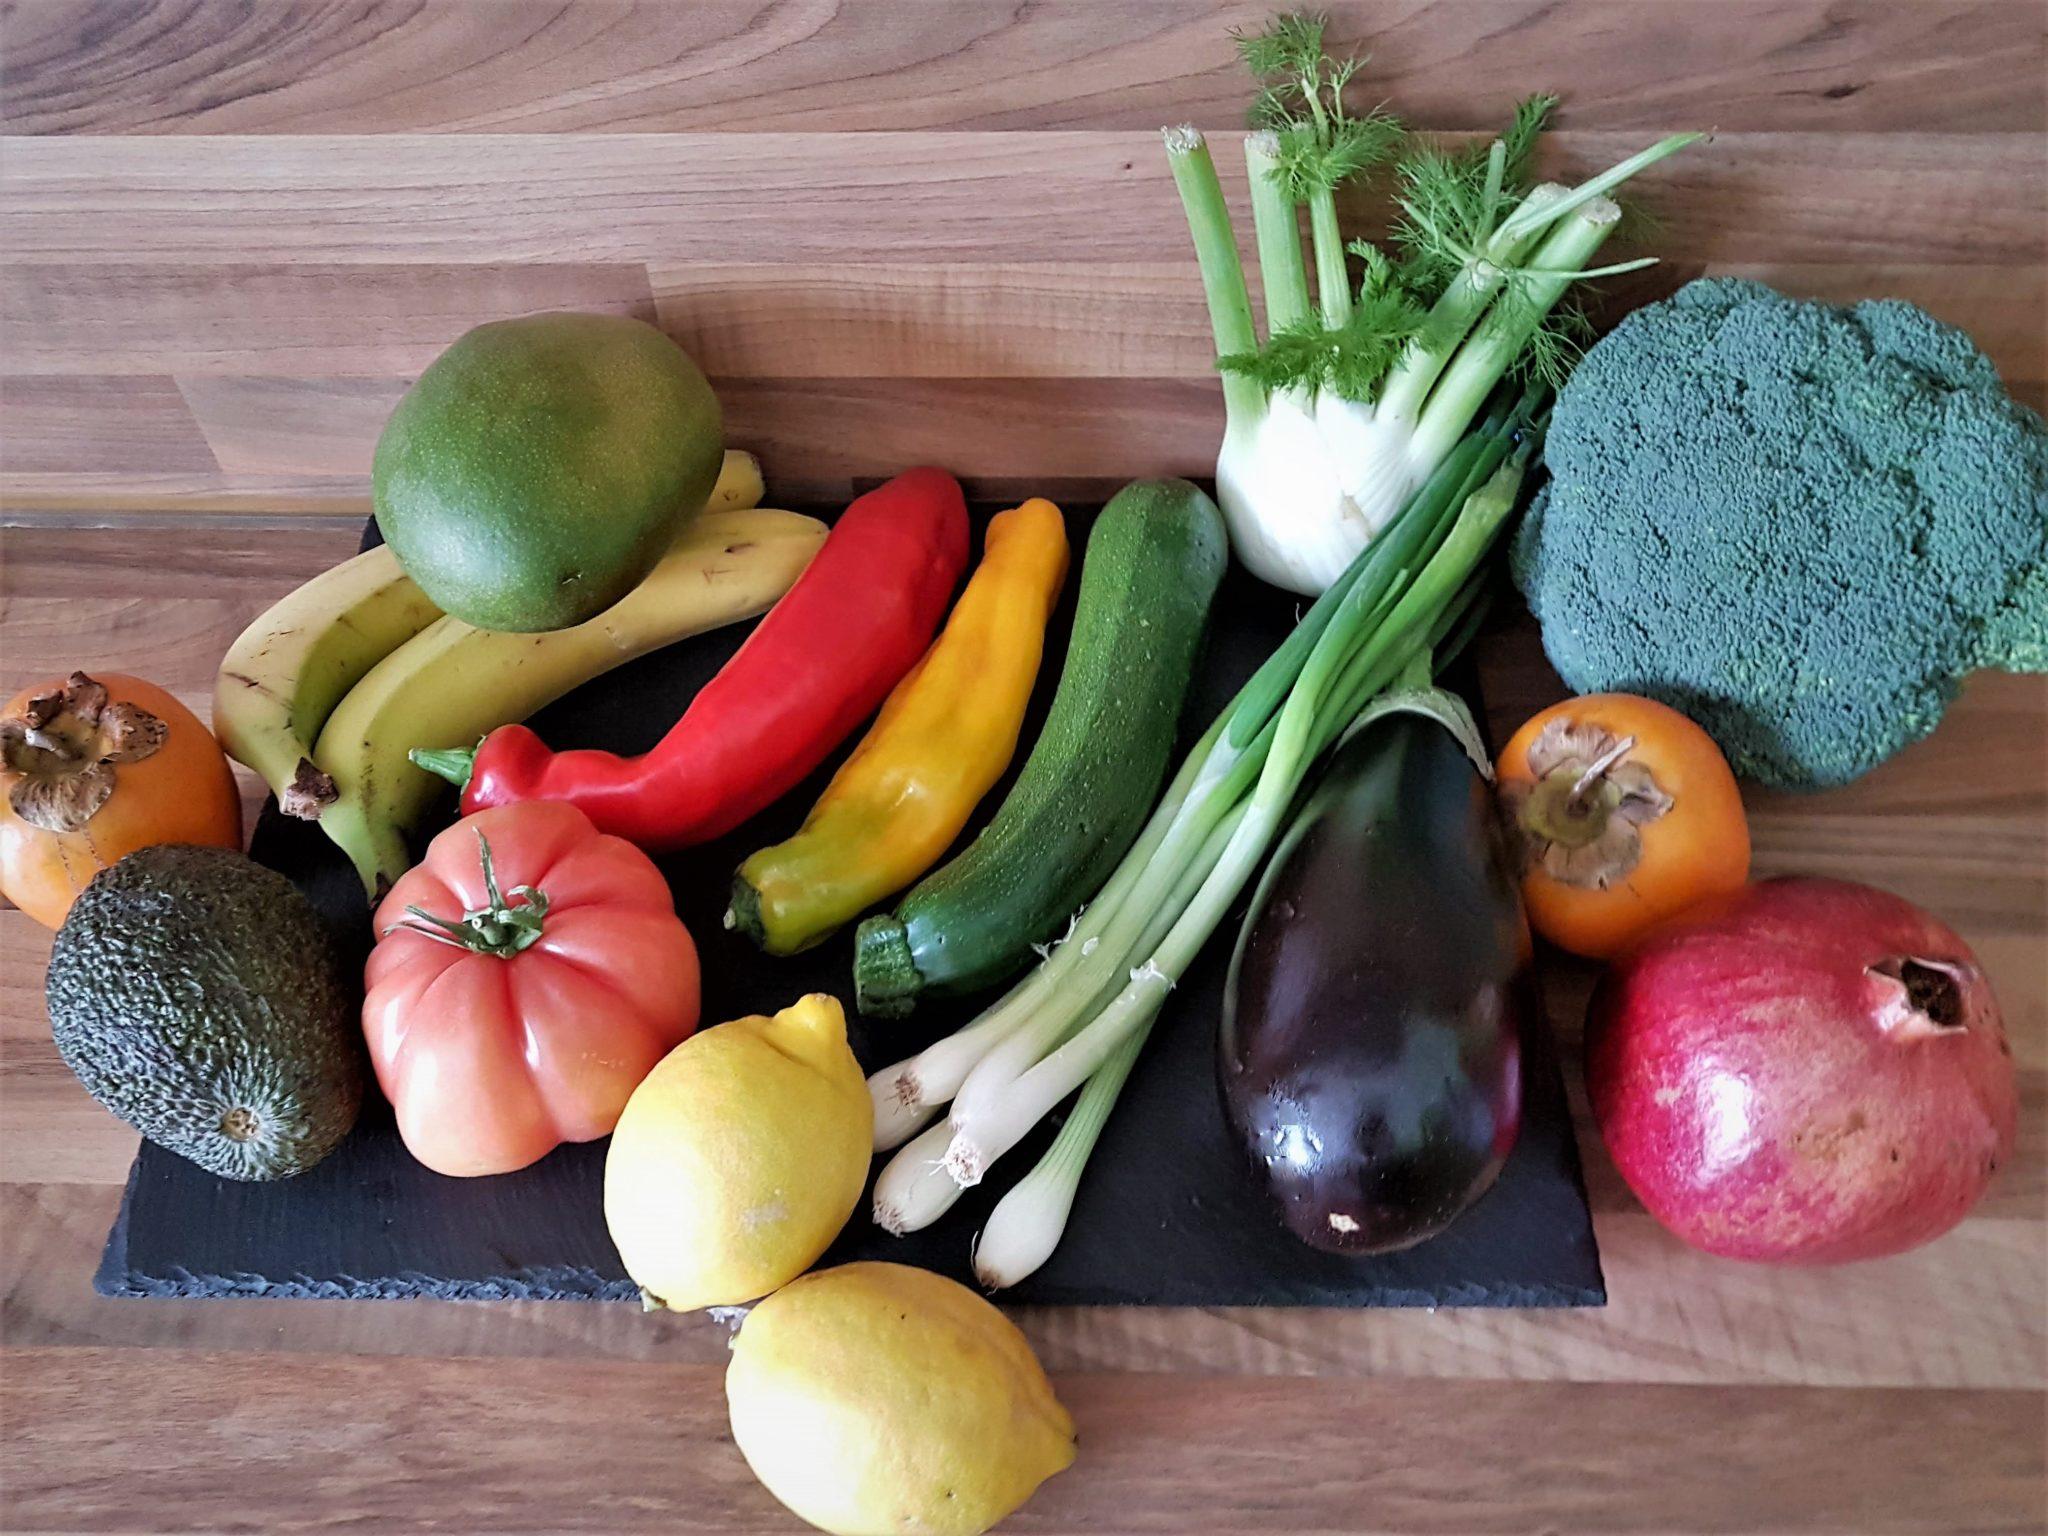 Gesunde Vitamine in der Fastenzeit durch natürliche Lebensmittel